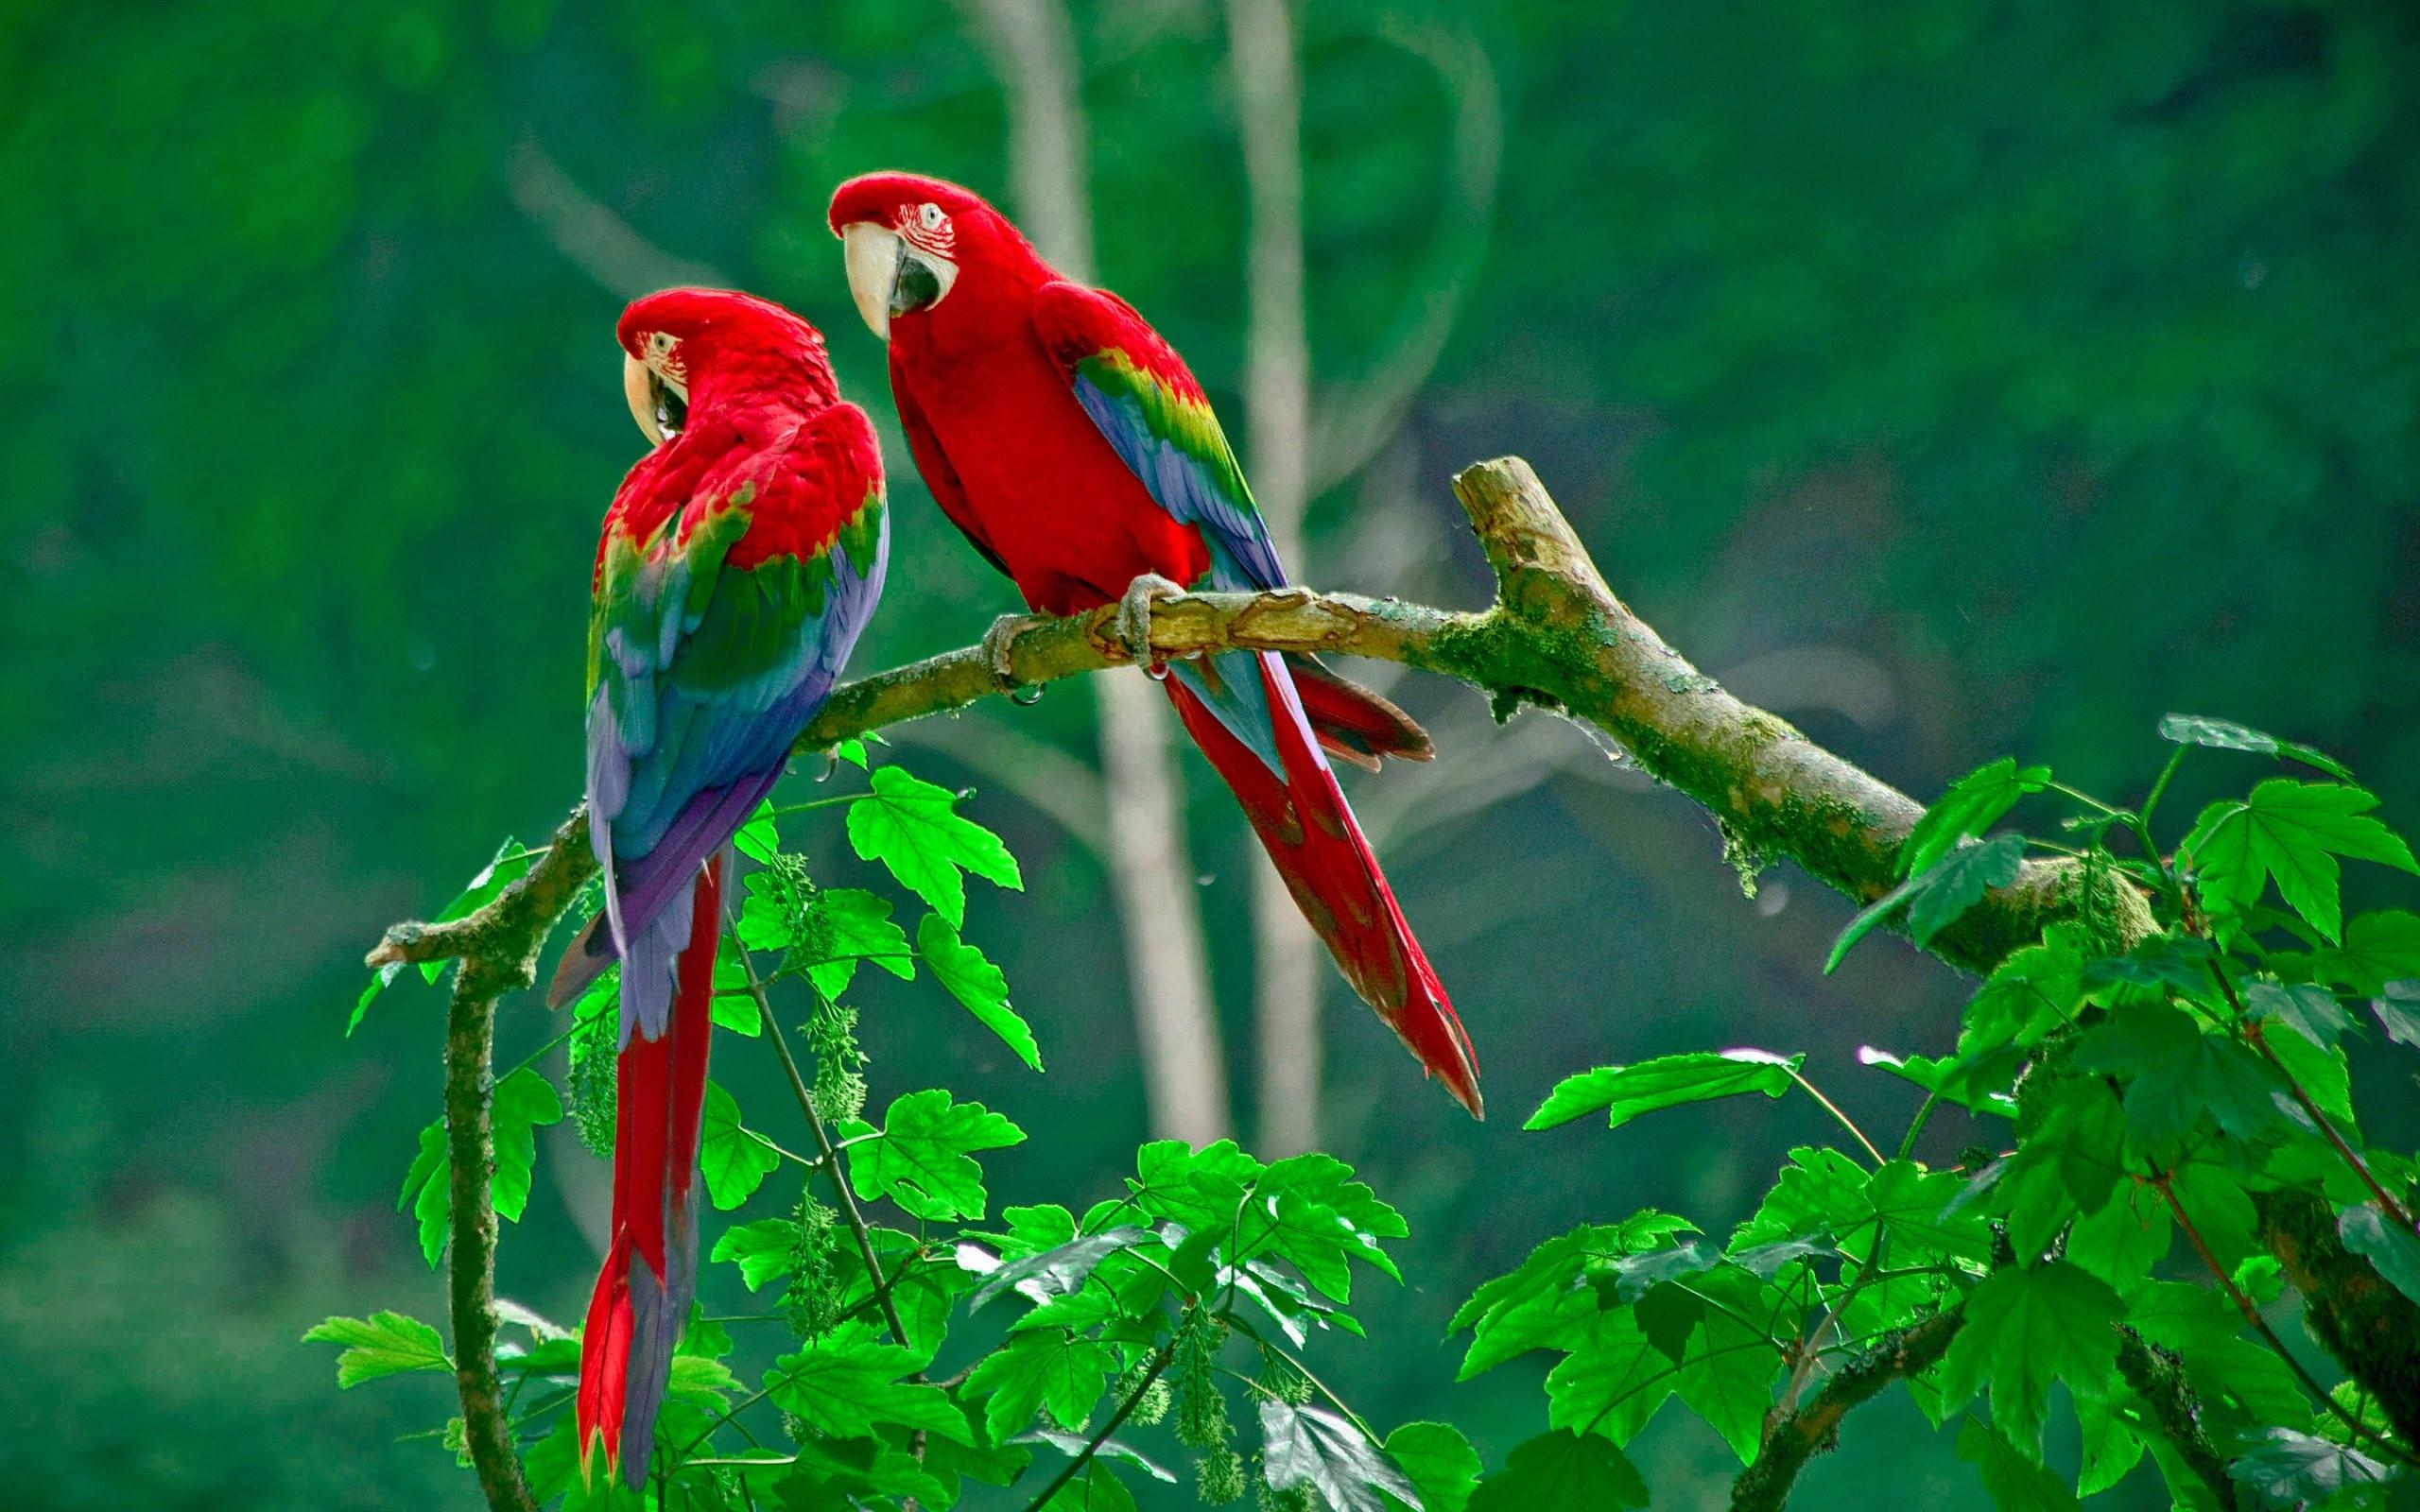 بالصور اجمل صور العالم , شاهد صور جميلة للعالم 3771 11